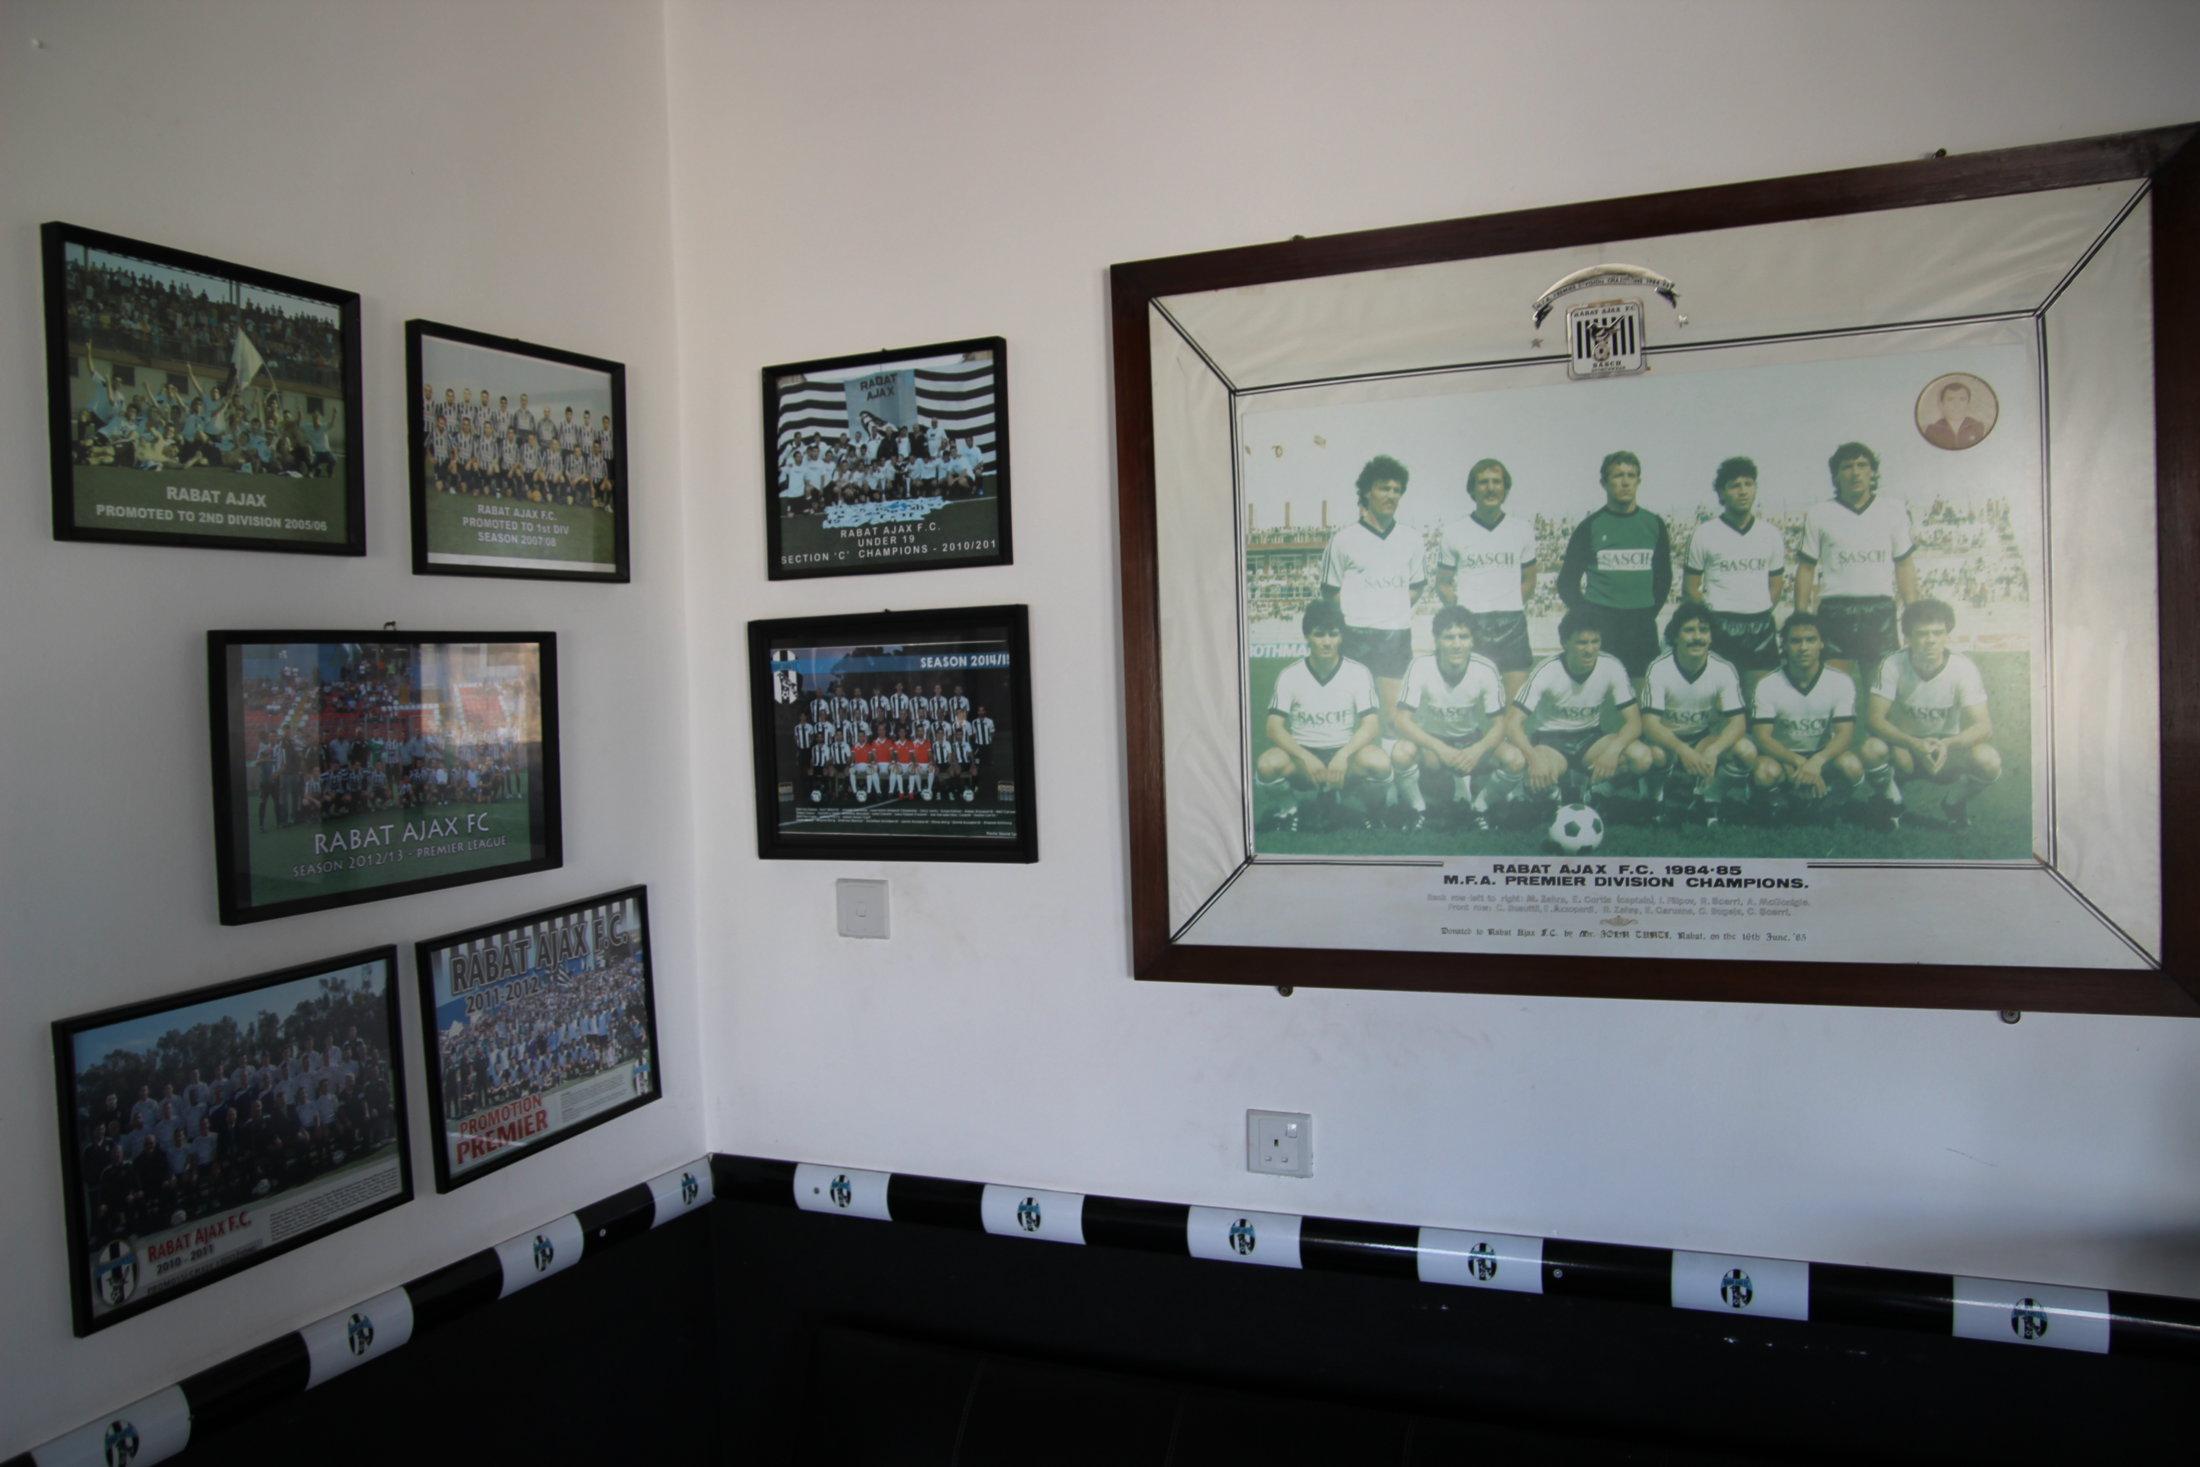 Fotowand im Vereinsheim von Rabat Ajax